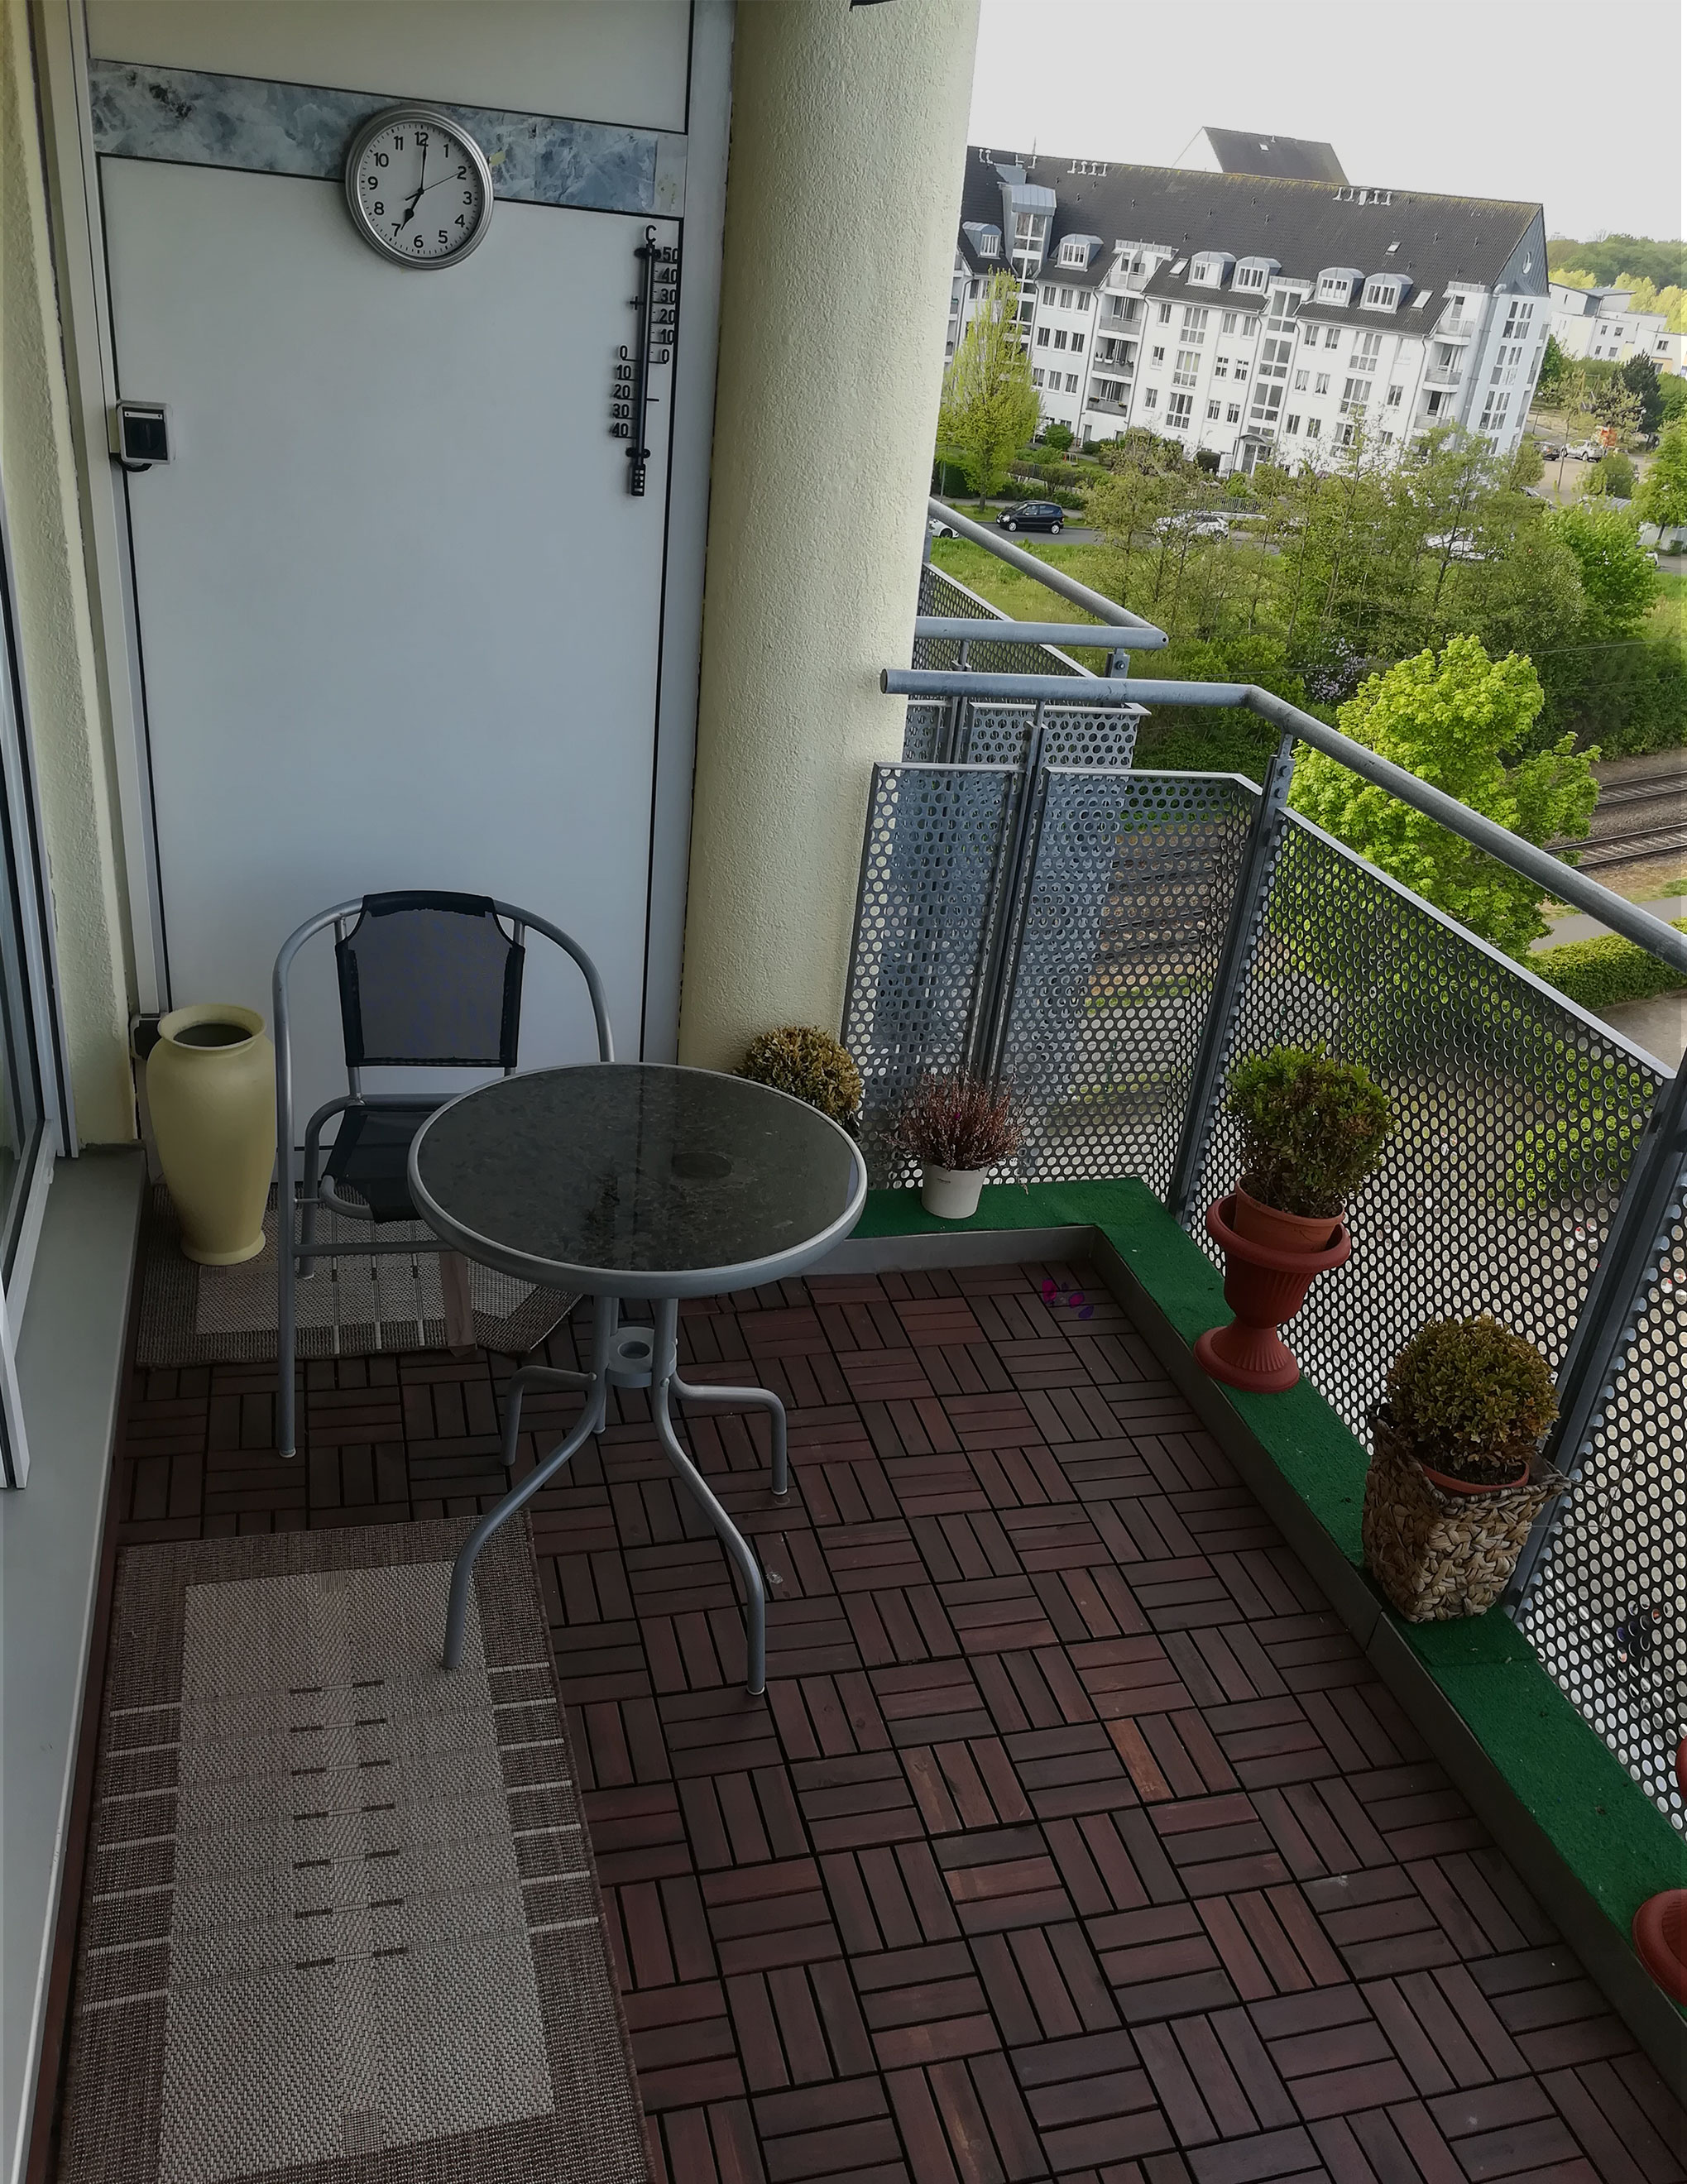 Balkon vorher Haushaltsauflösung Rostock